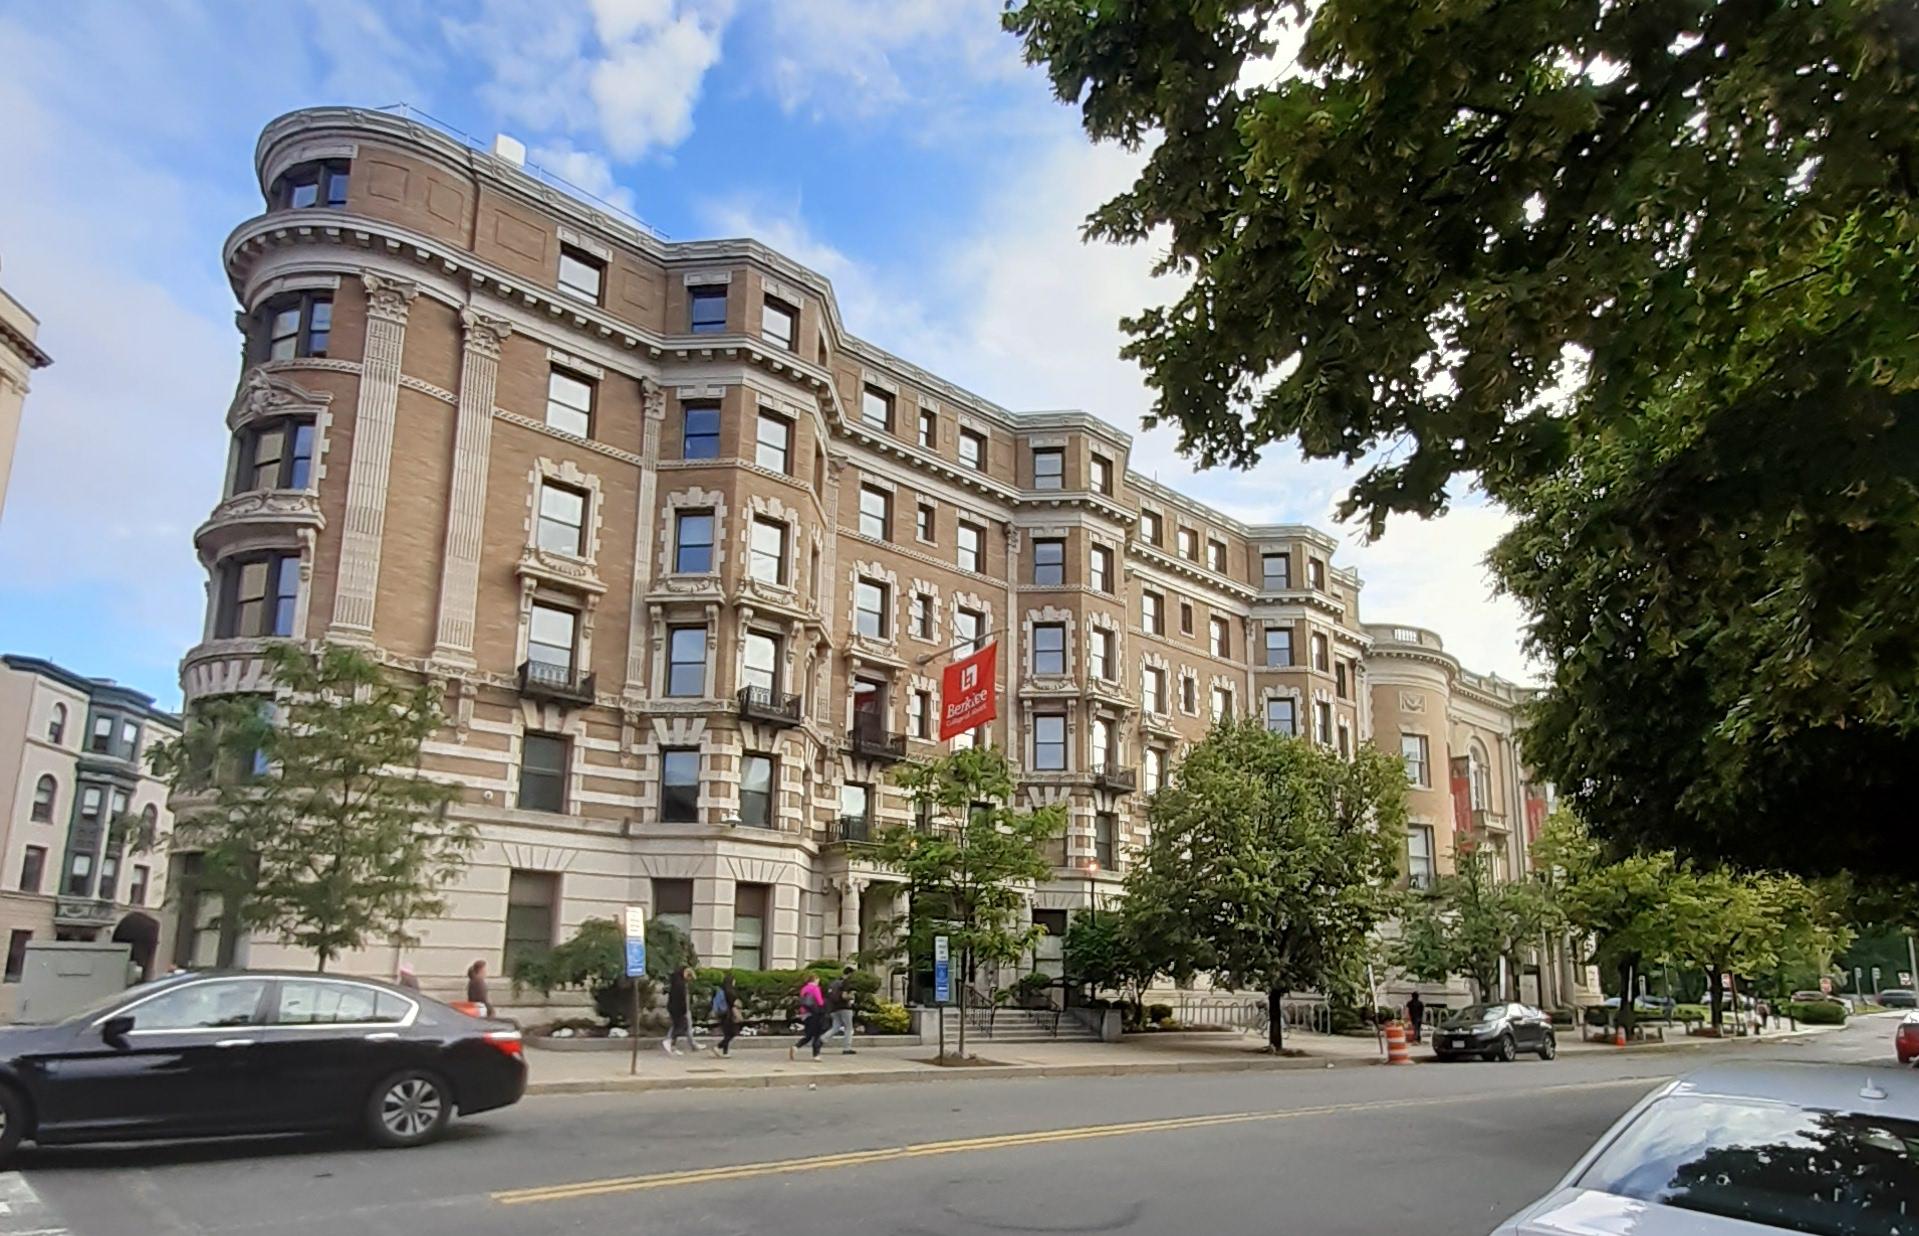 Un des bâtiments de Berklee College of Music à Boston